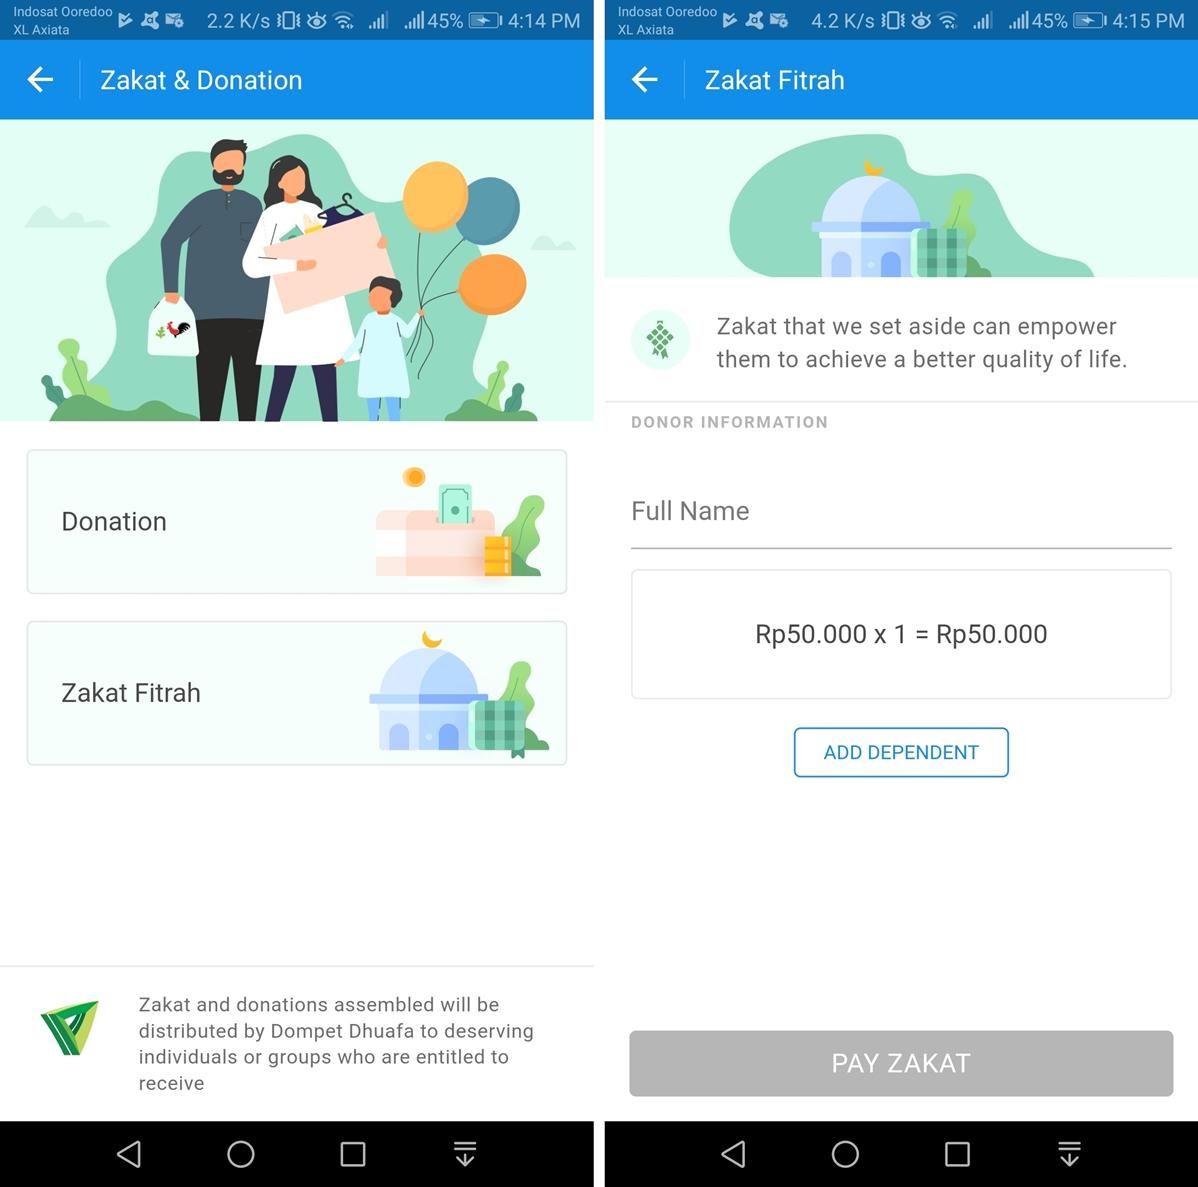 Menu Zakat & Donasi dan Menu Zakat Fitrah di Aplikasi Dana (Endah/Teknogav.com)